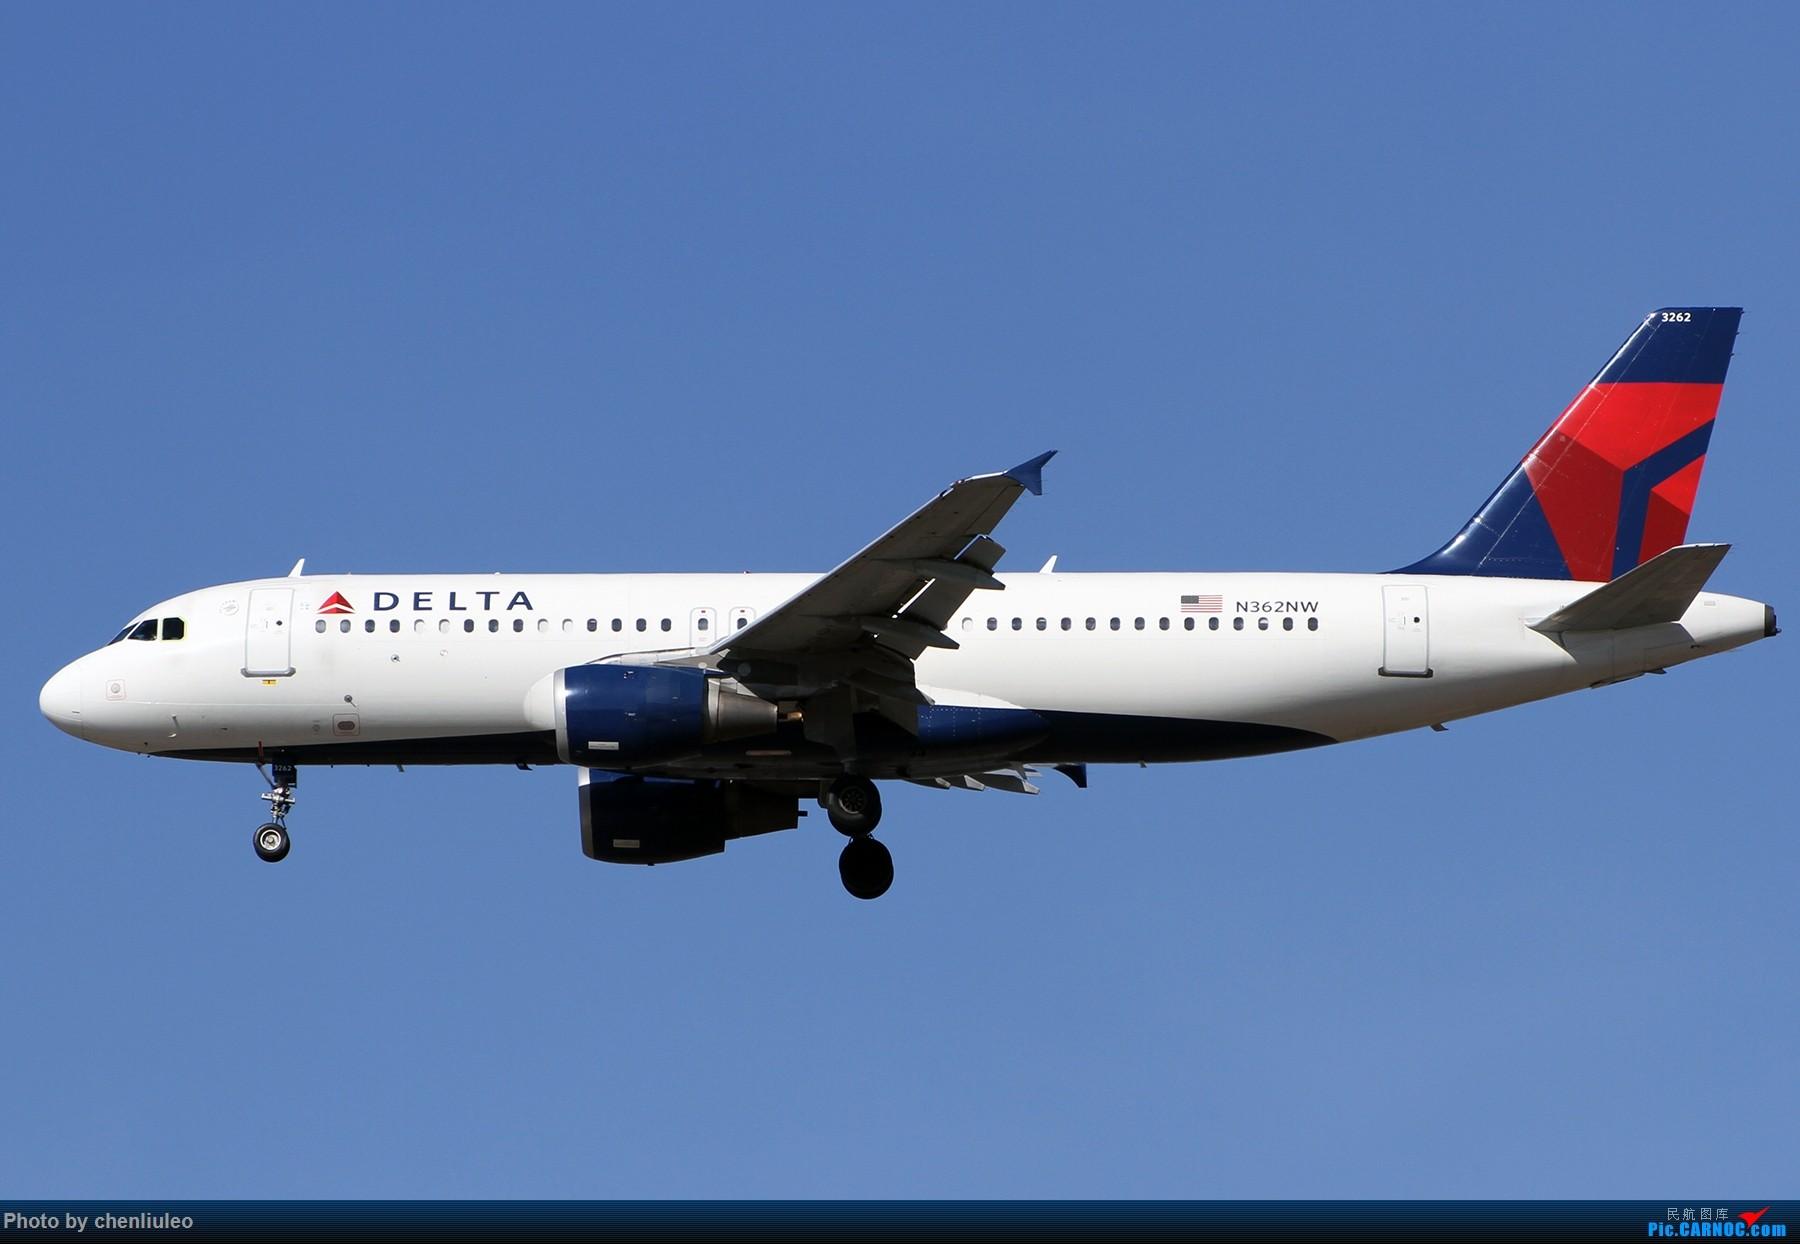 Re:[原创]【杭州飞友会】KSTL拍机。AA WN DL F9 BBJ 1800大图 AIRBUS A320-212 N362NW 美国圣路易斯机场